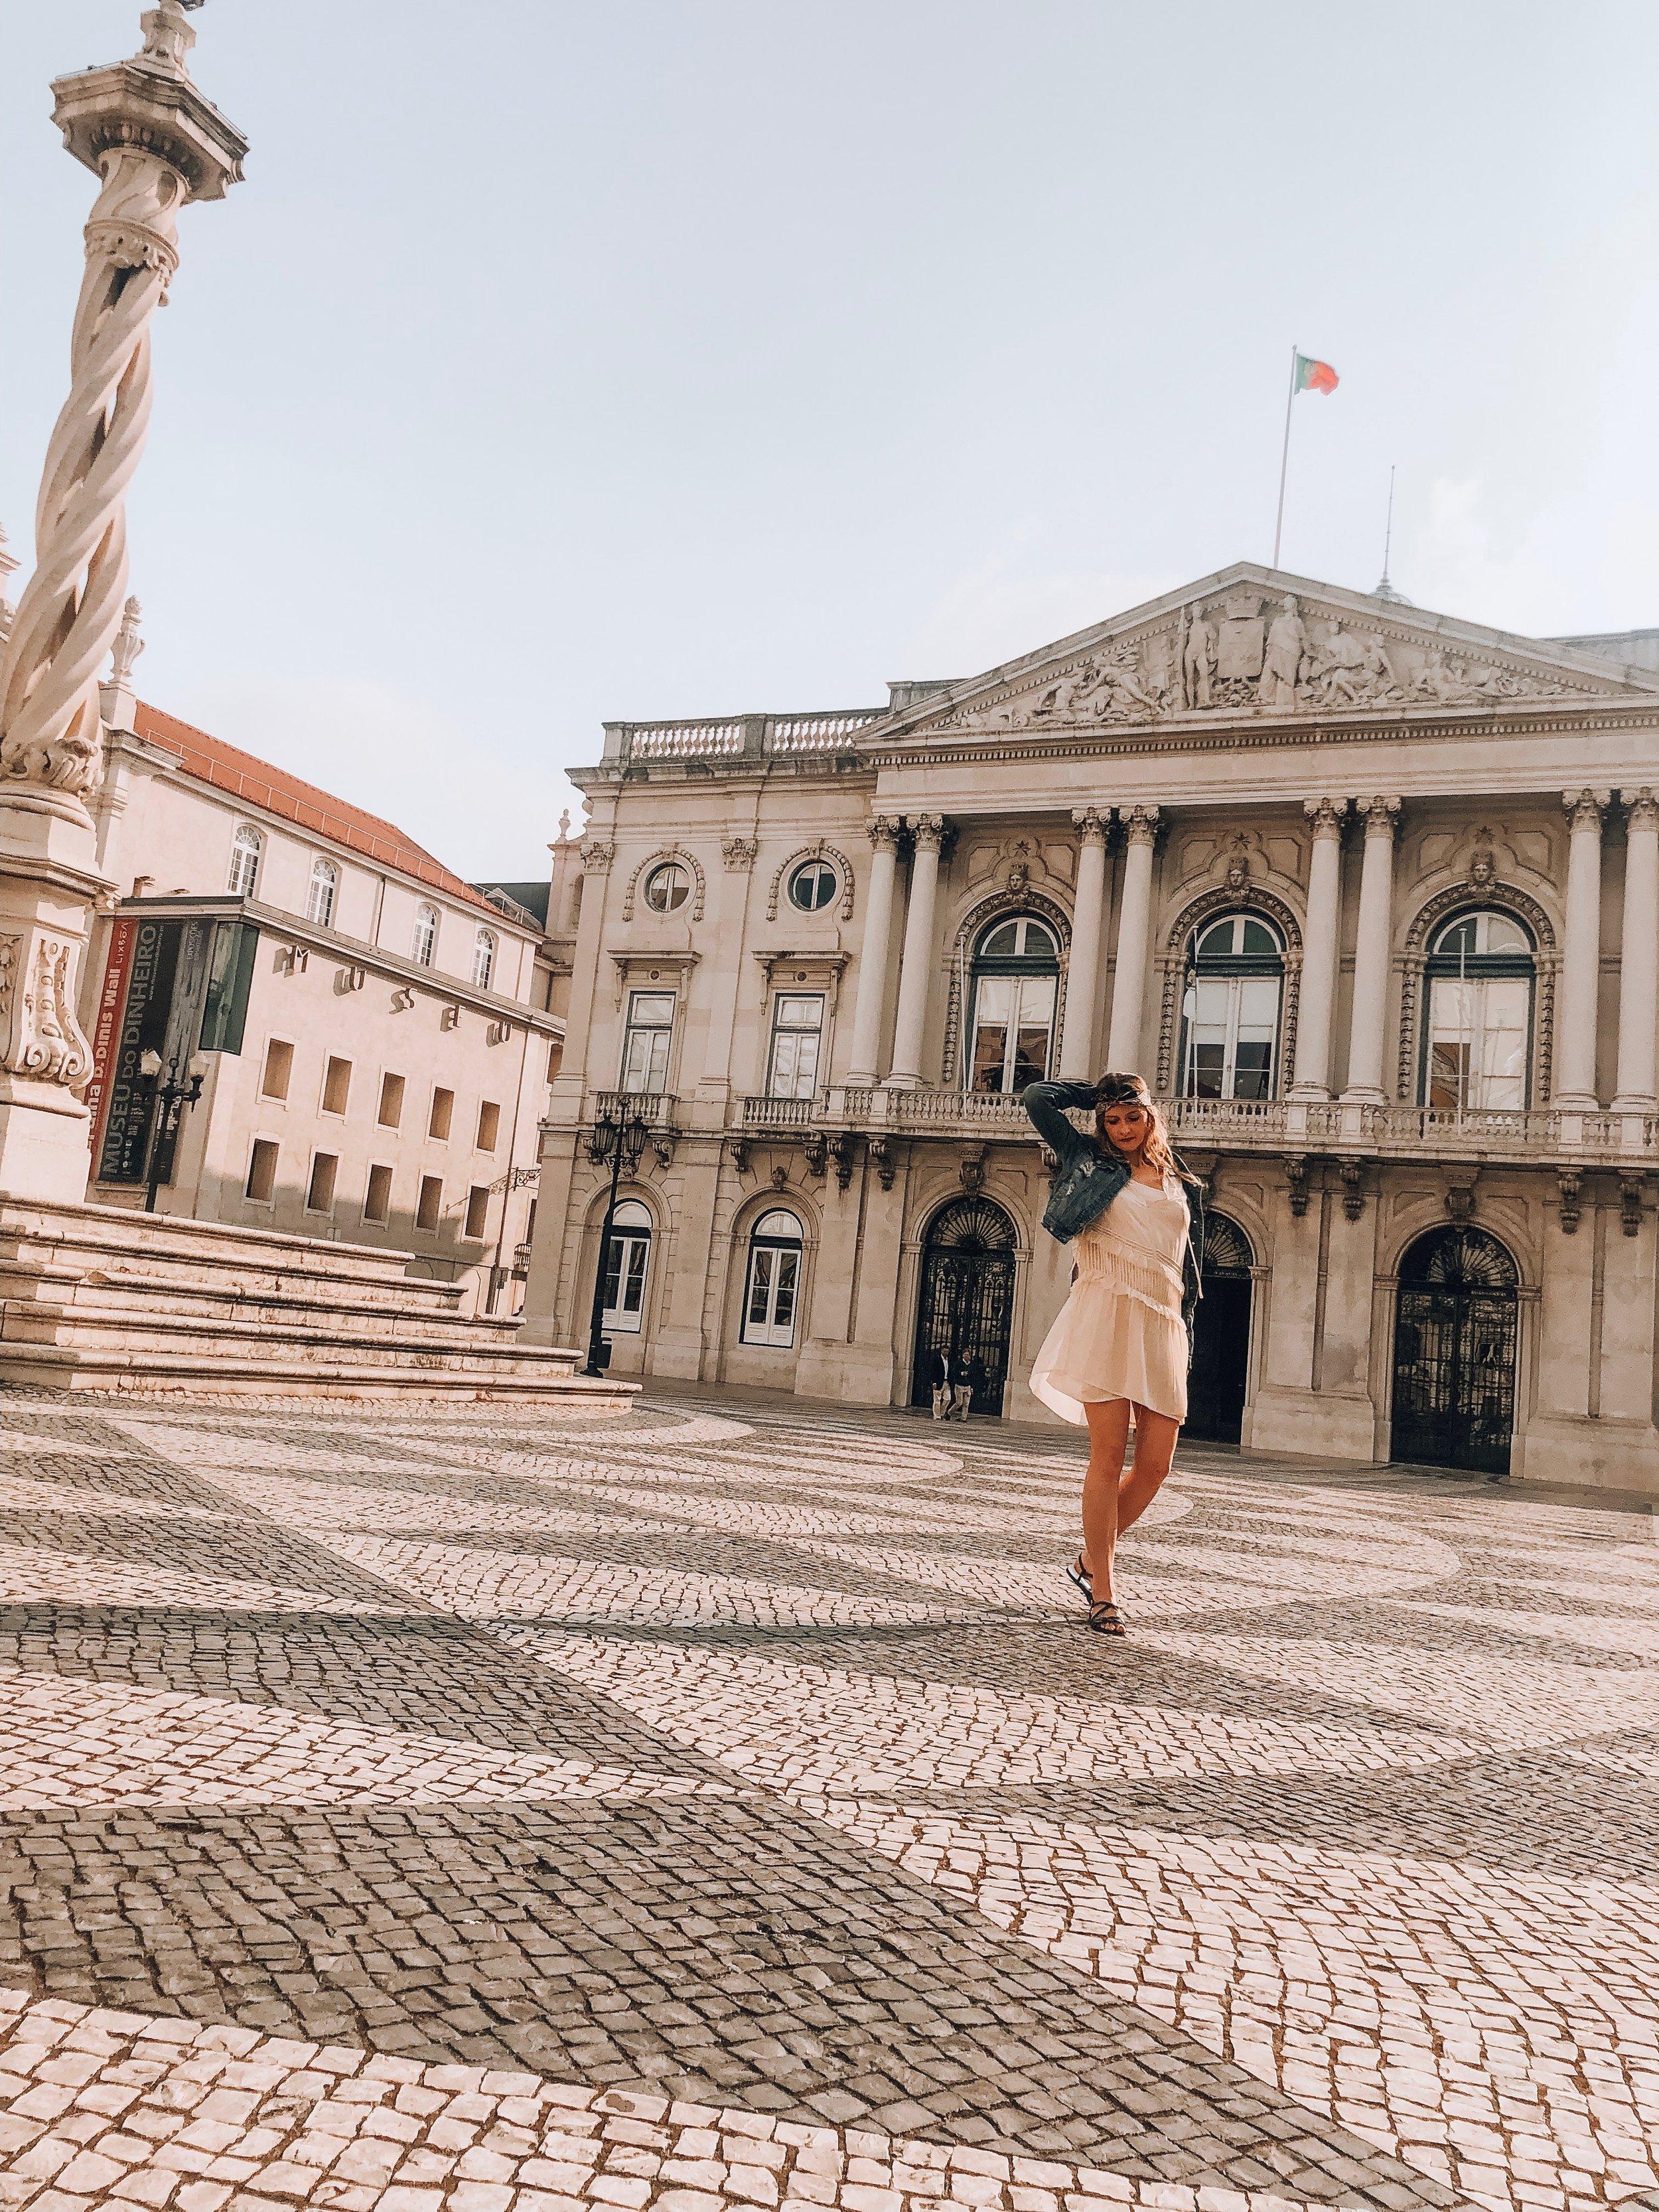 Praça do Municipio, Lisbon, August 2018